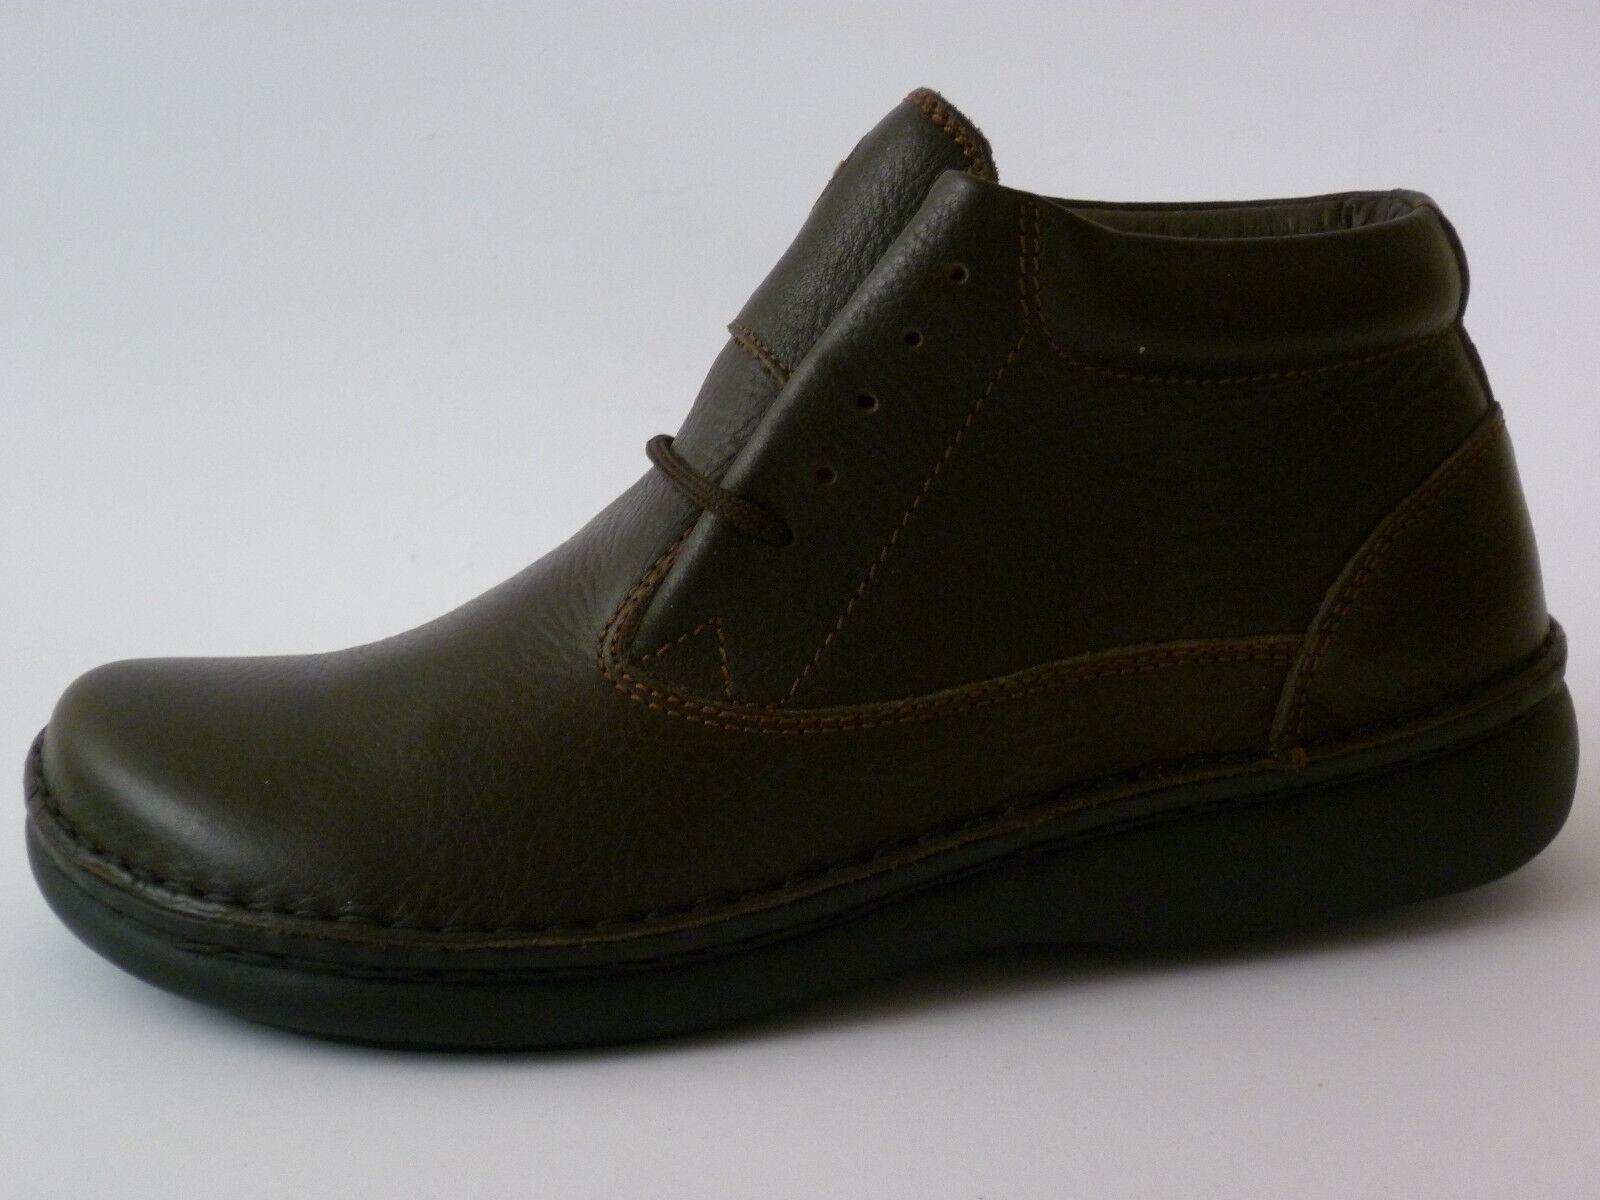 Footprints Perth Birkenstock FB 37 38 39 grasa botas de cuero marrón estrecho nuevo